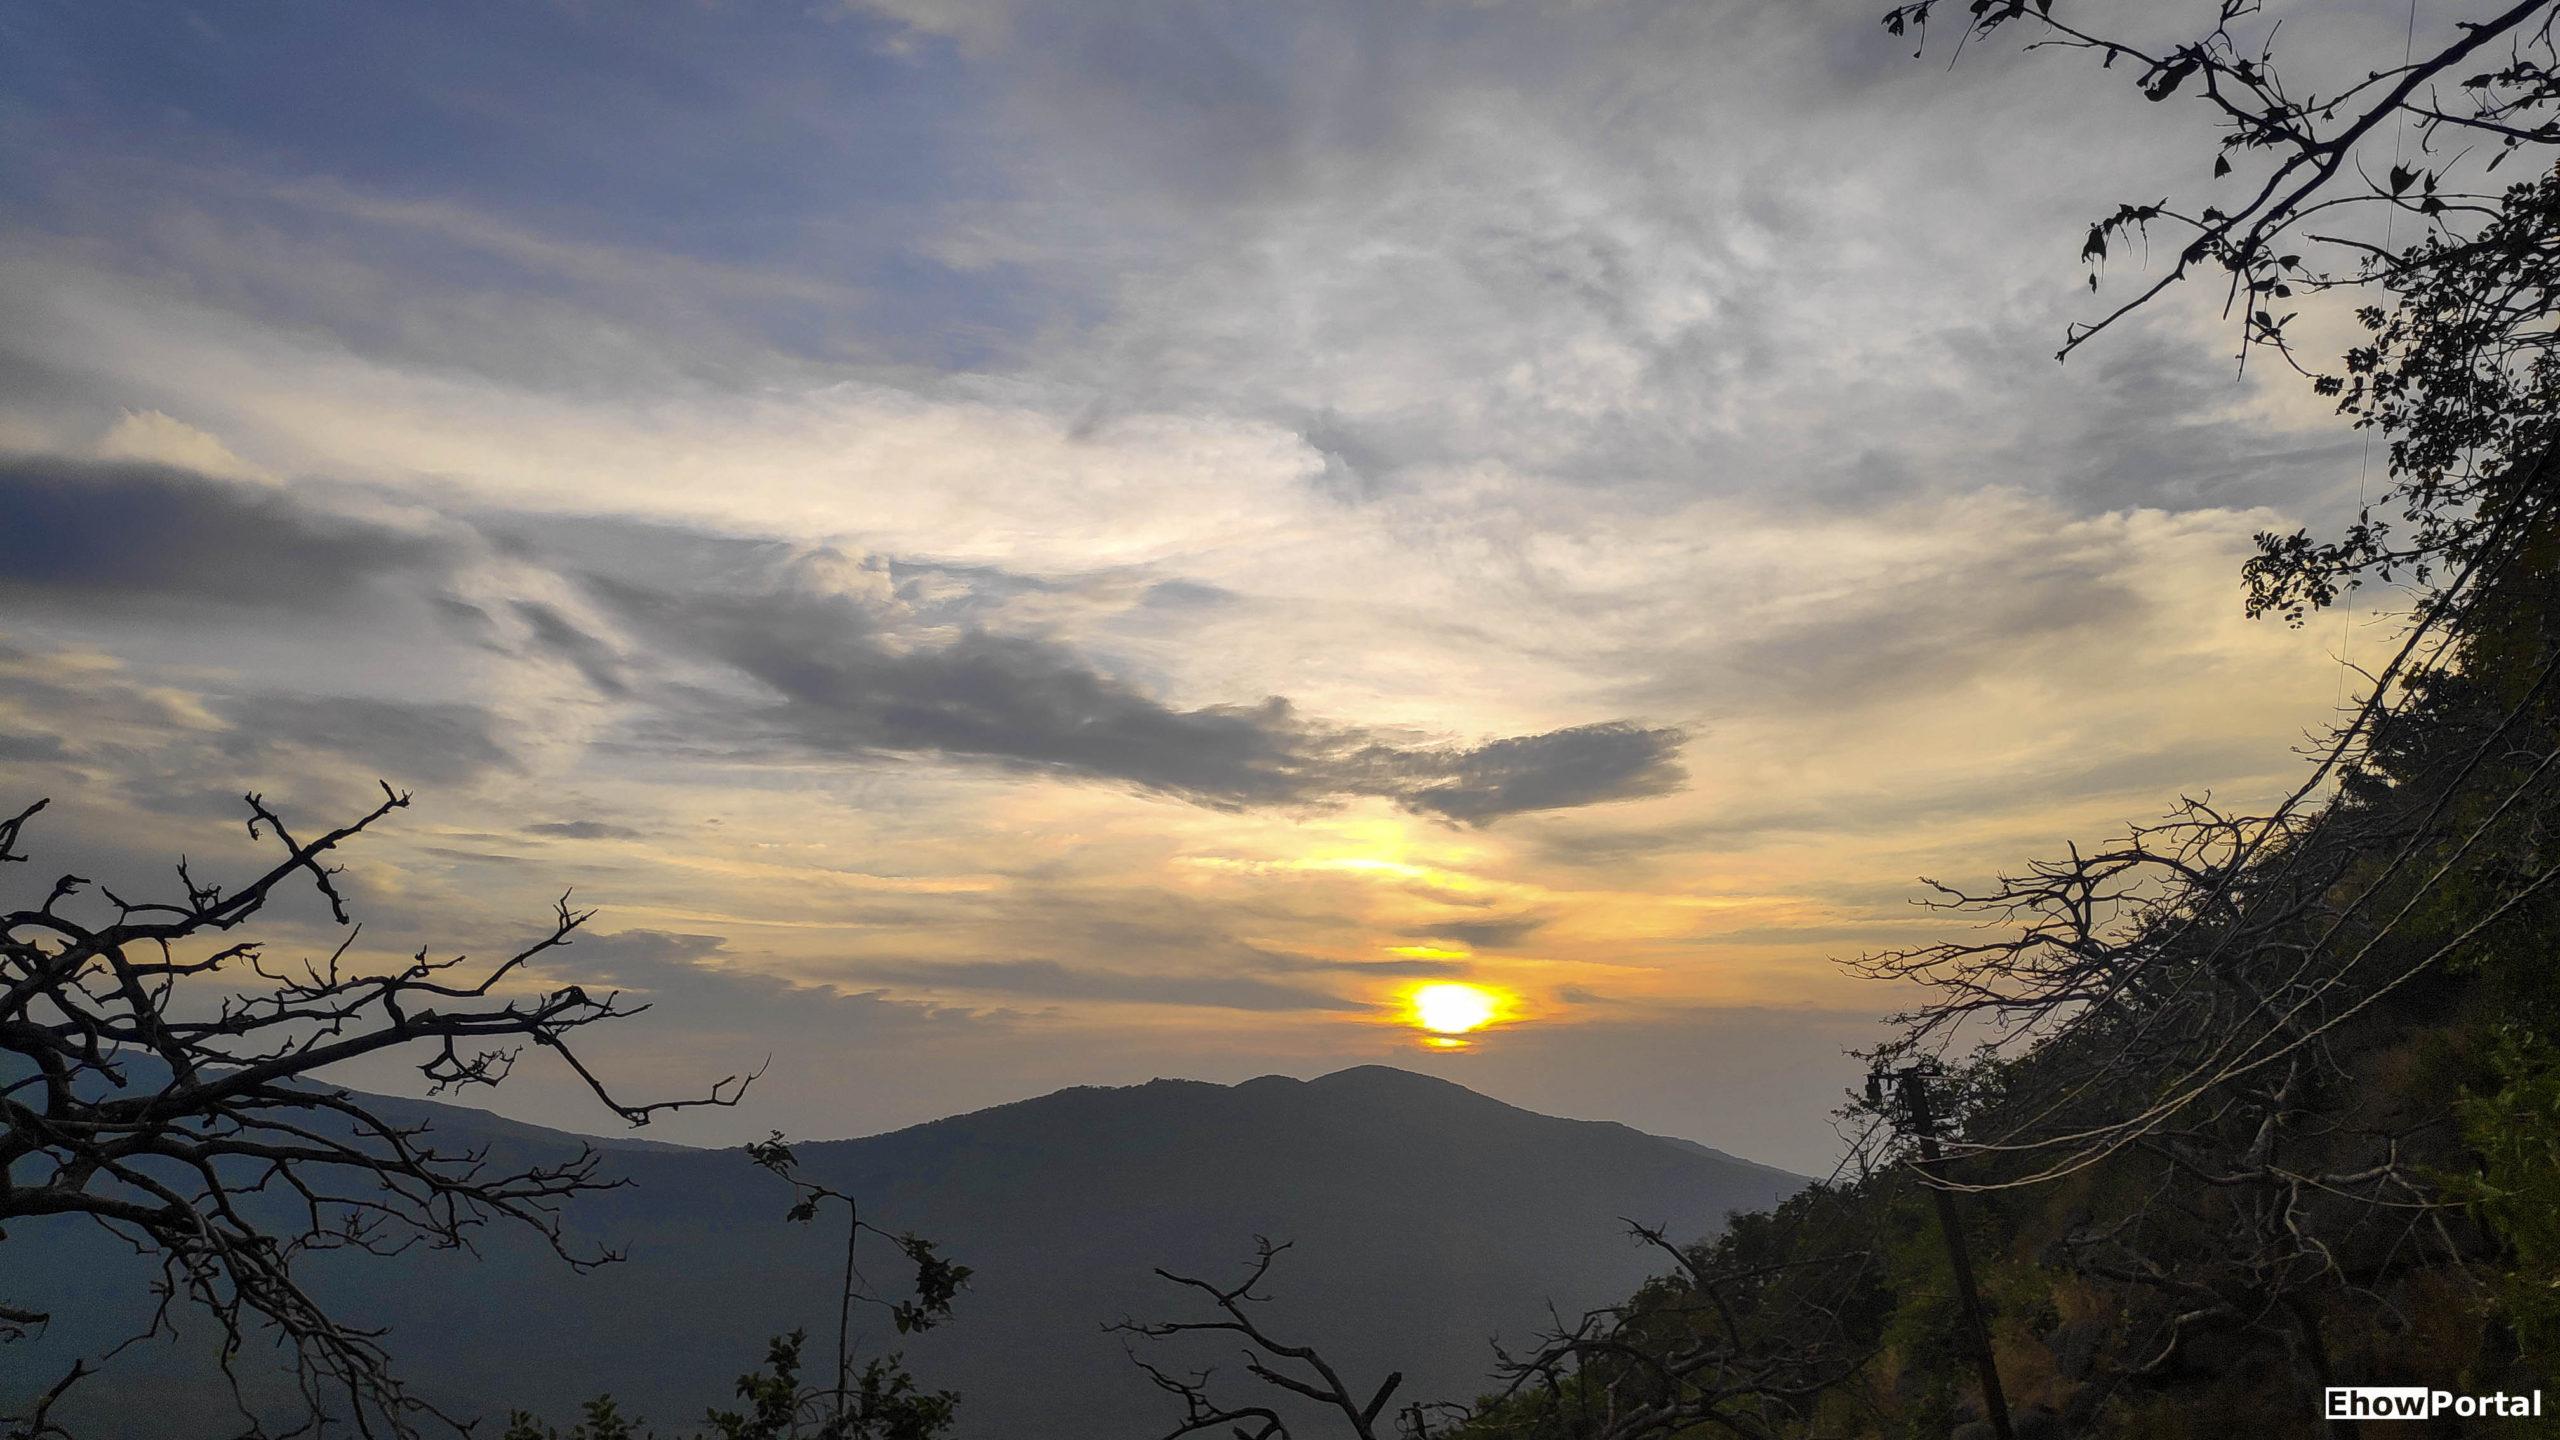 Sunset View at Girnar Hill